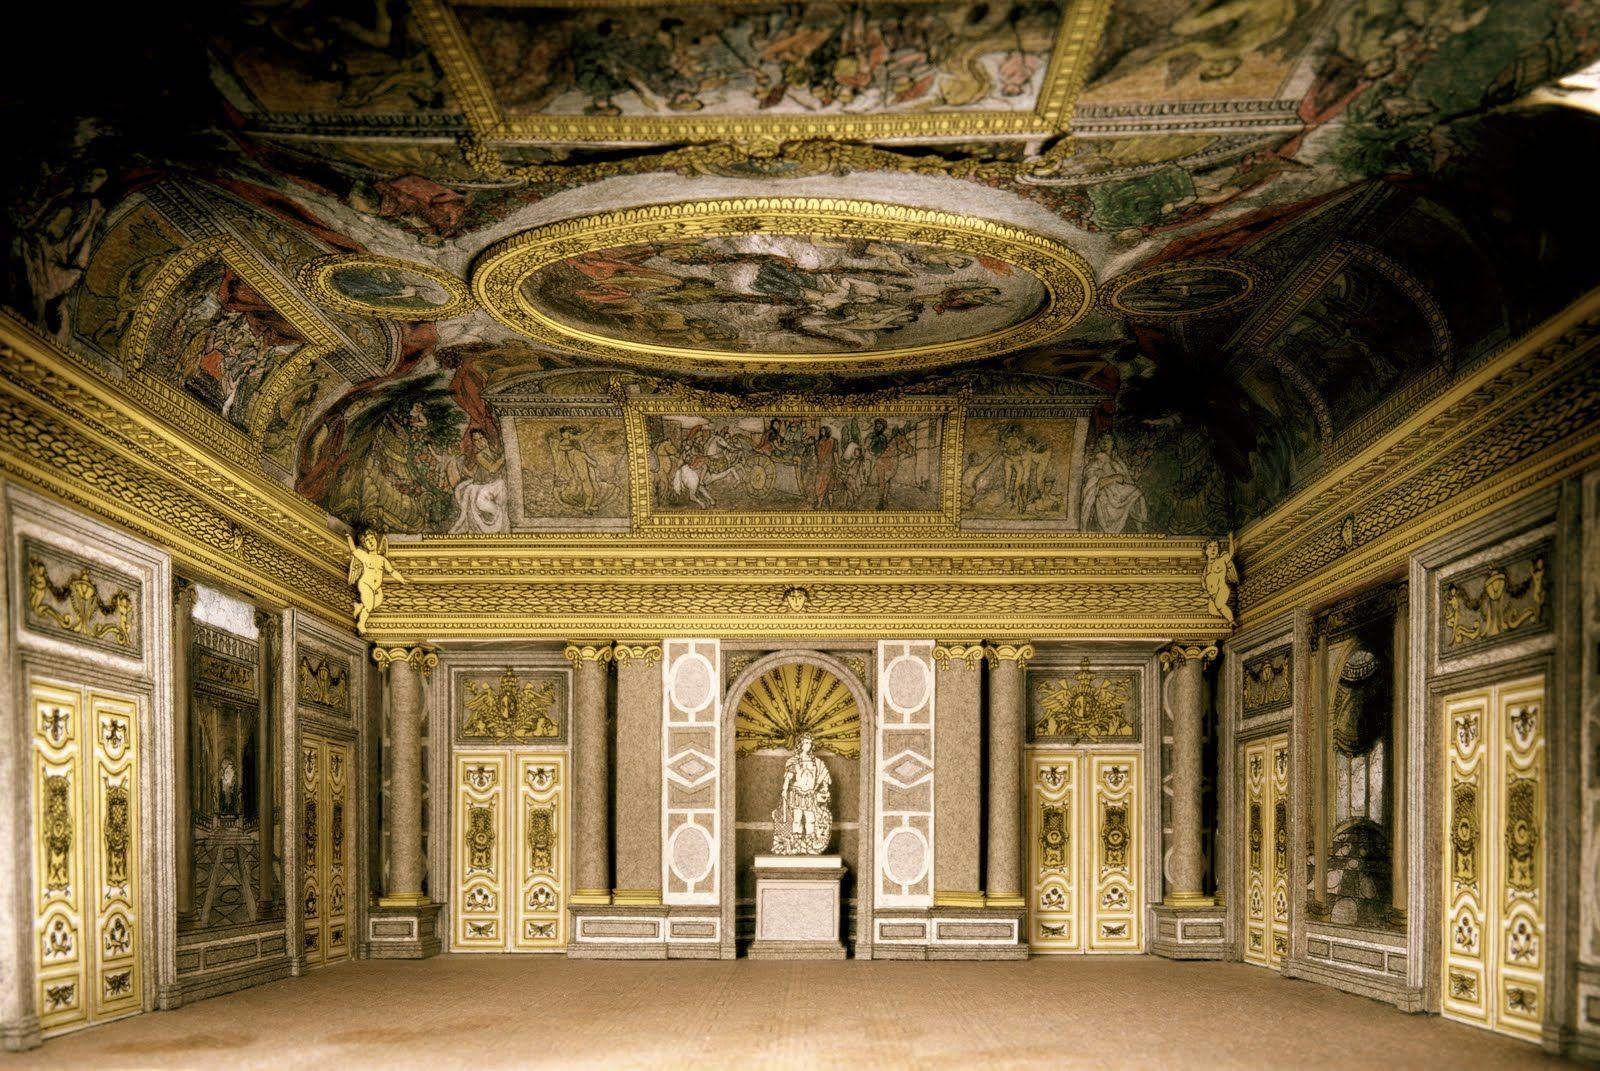 The Salon de Venus. Versailles | Chateau versailles, Palace of versailles,  Versailles